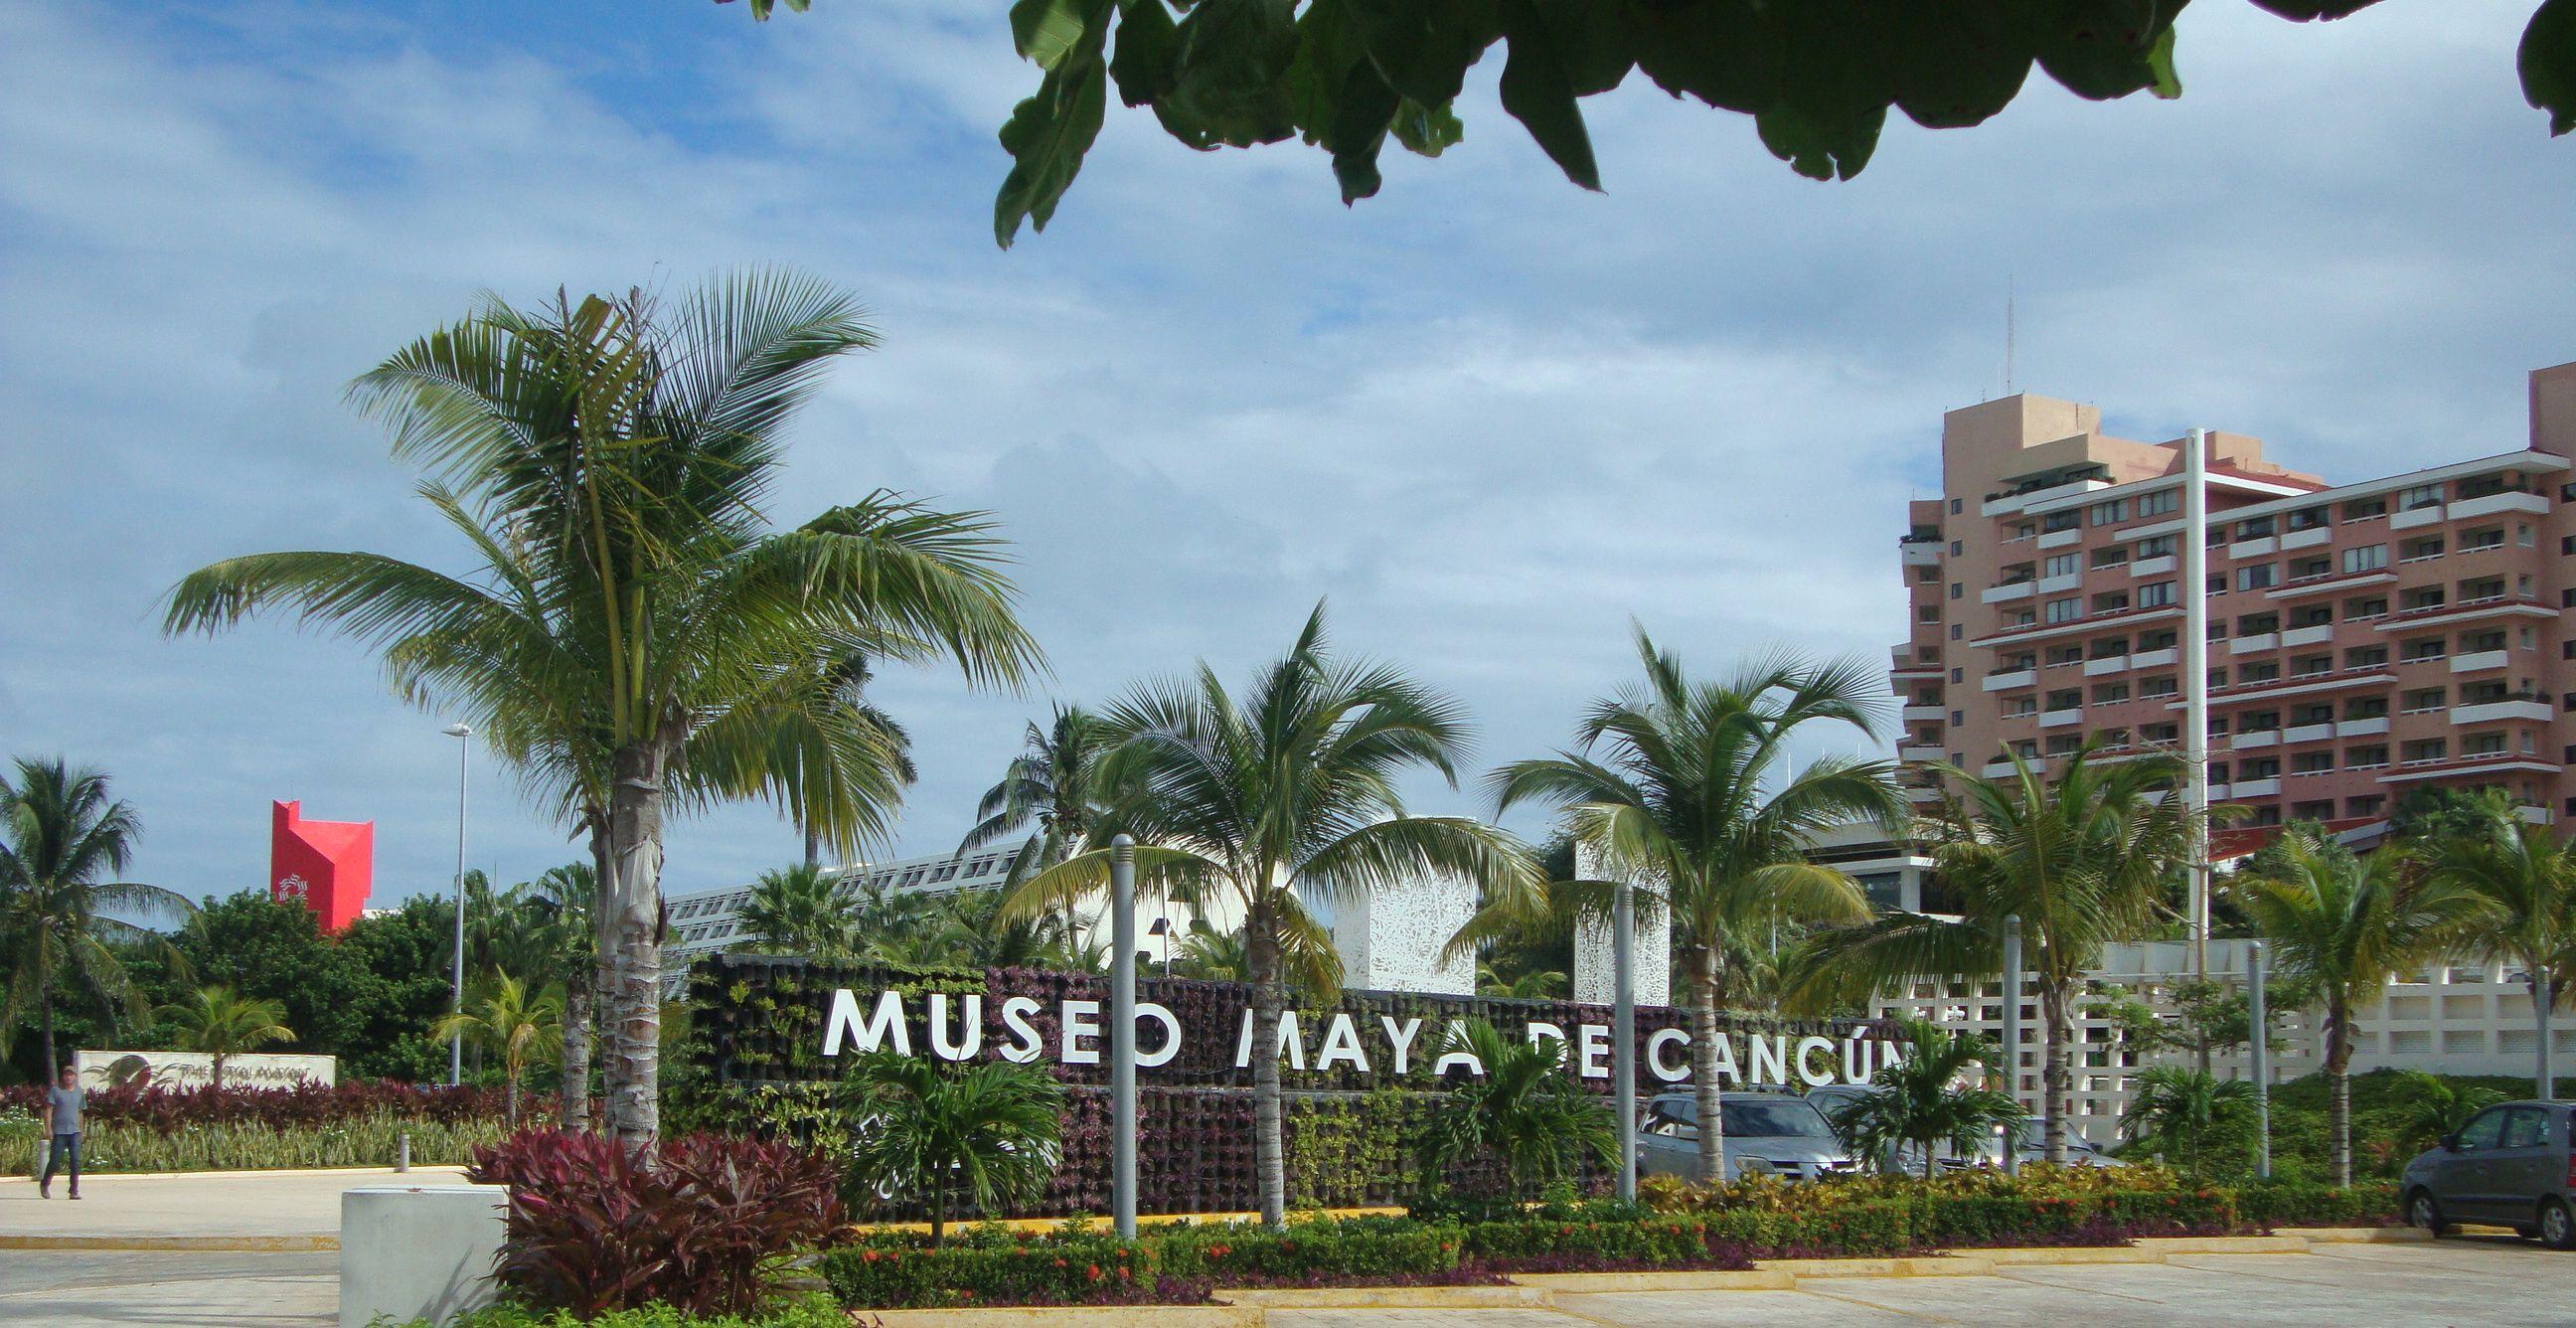 Carteleria verde en Cancún, aportando vida a una gran plaza seca de acceso al Museo Maya